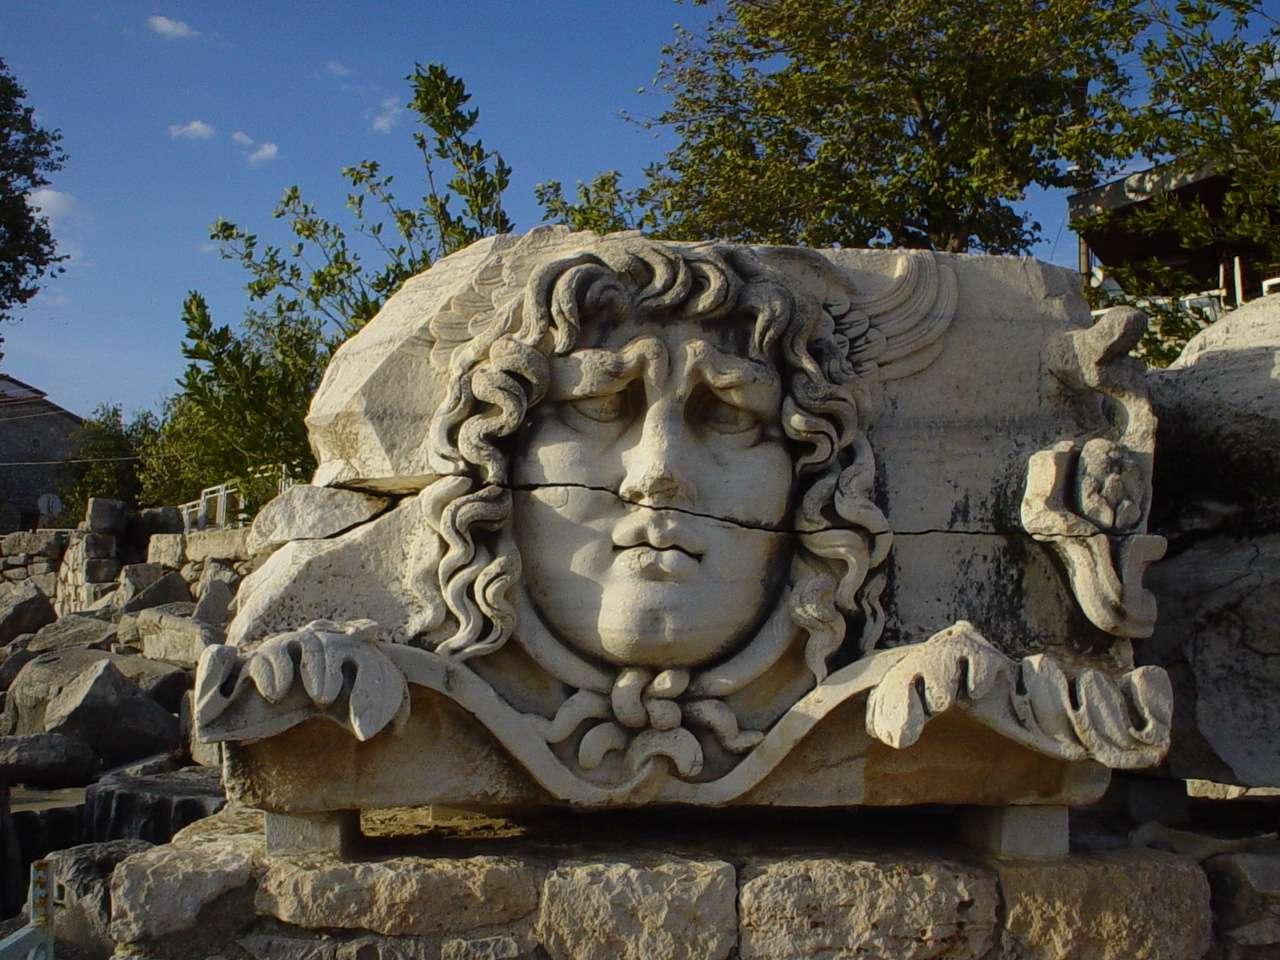 Ο Ναός του Απόλλωνα στα Δίδυμα της σημερινής Τουρκίας. The Temple of Apollo at Didyma in modern-day Turkey